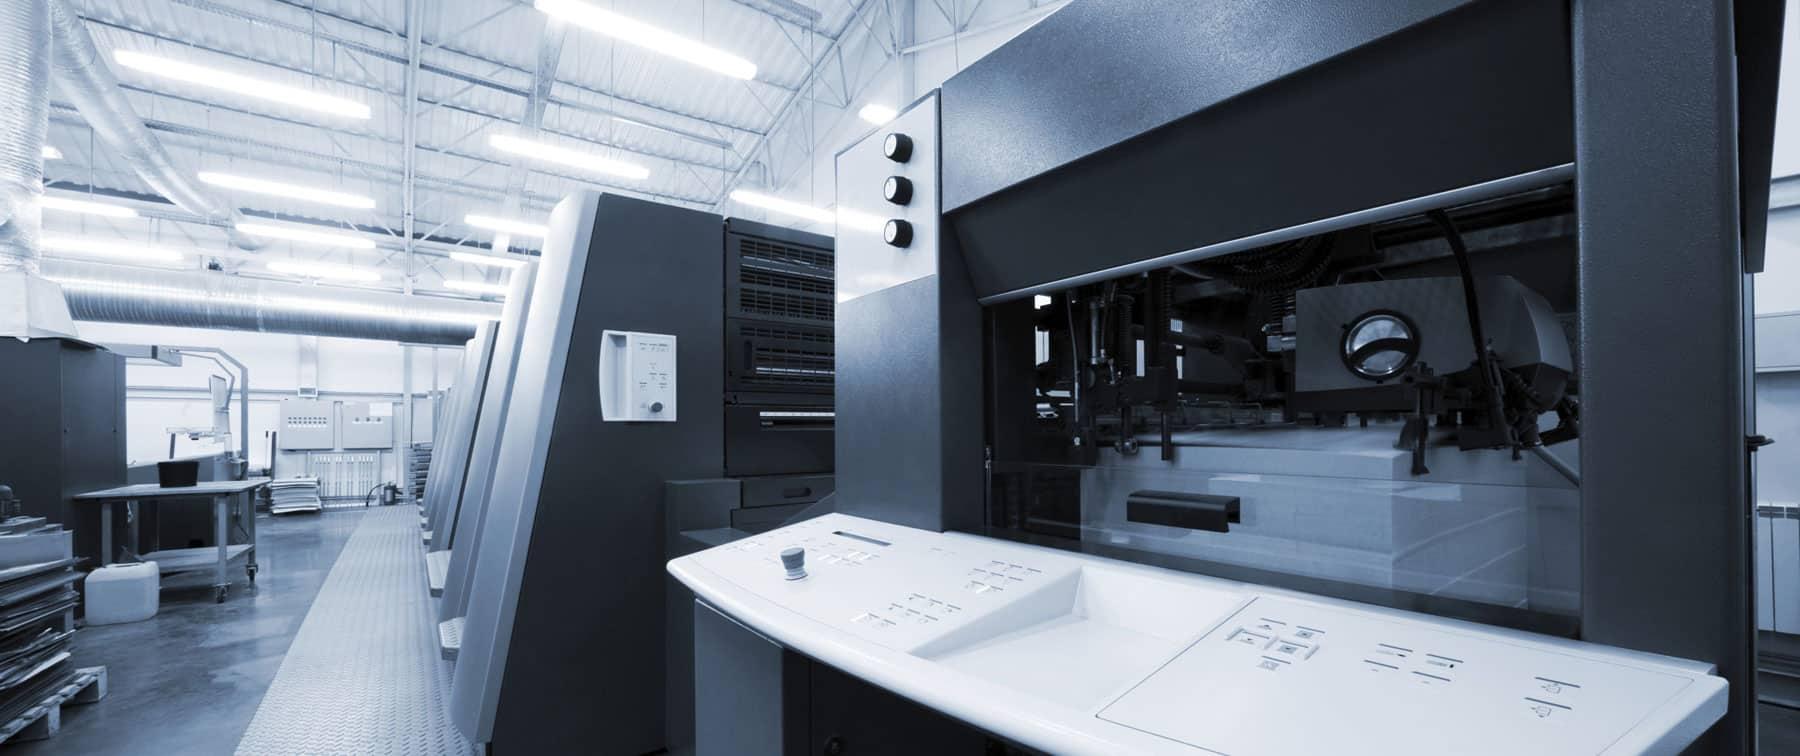 e Groupe des Imprimeries MORAULT a investi depuis quelques années dans de nombreuses solutions d'impression numérique